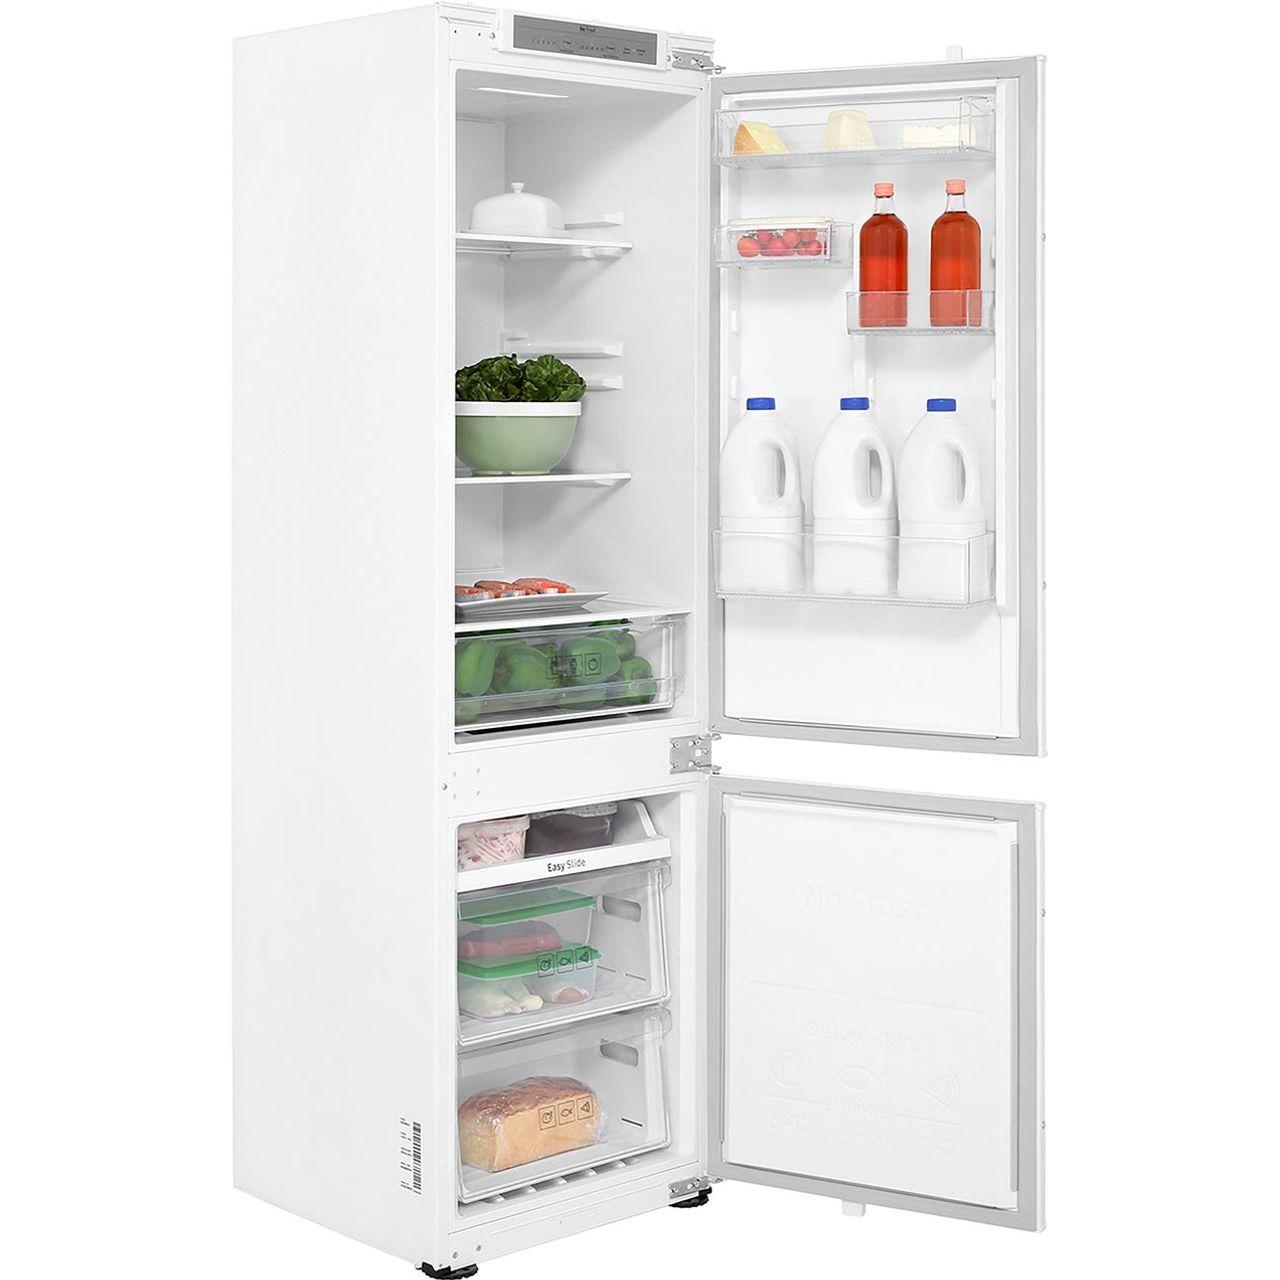 Samsung Brb260000ww Frost Free Fridge Freezer A Ao Com